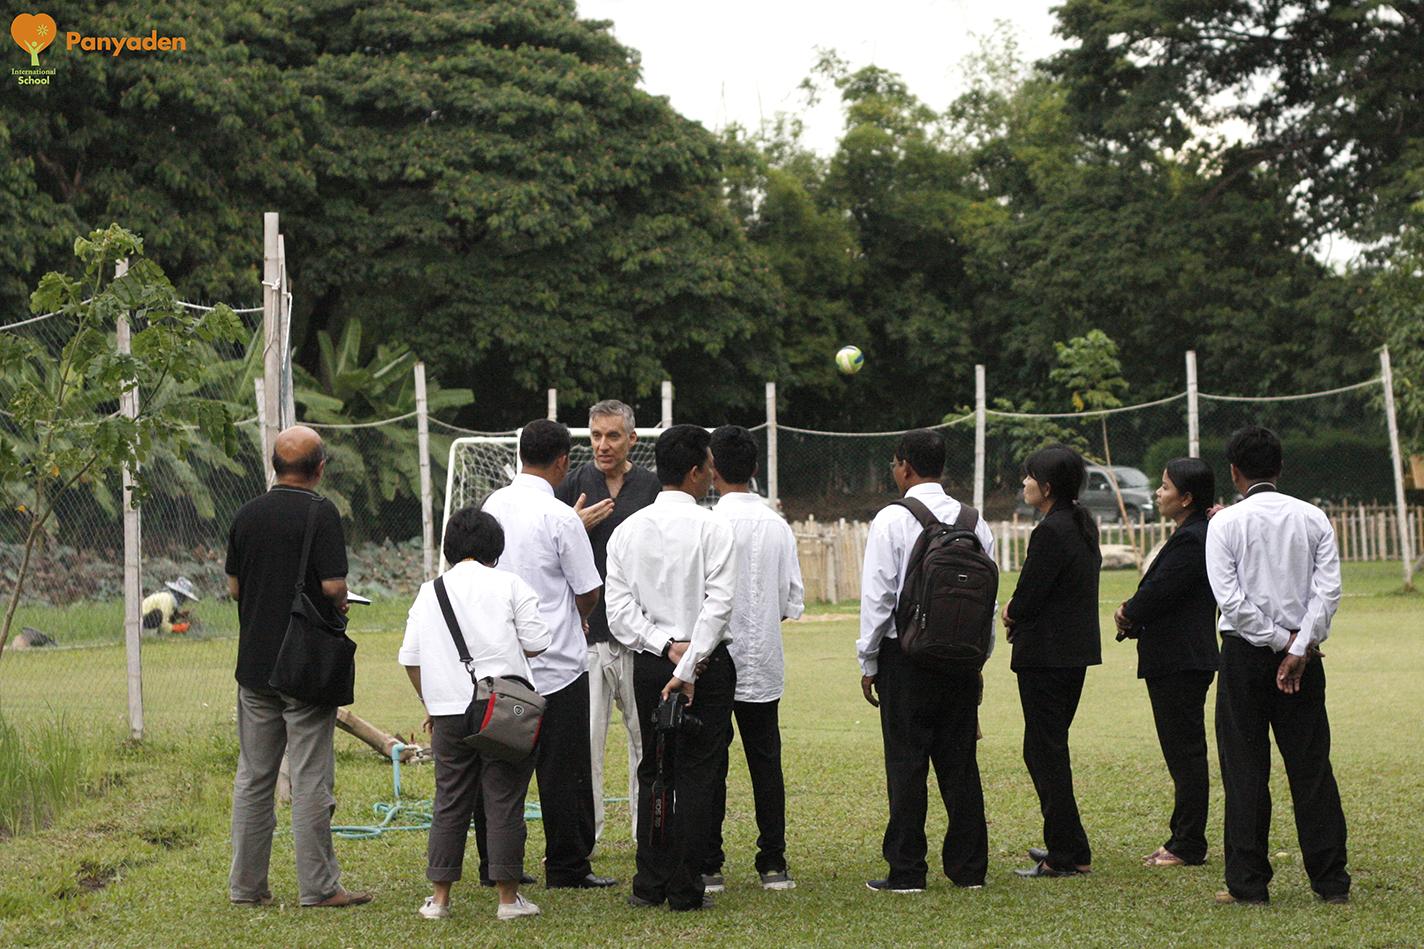 UNESCO Thailand and Myanmar officials at Panyaden